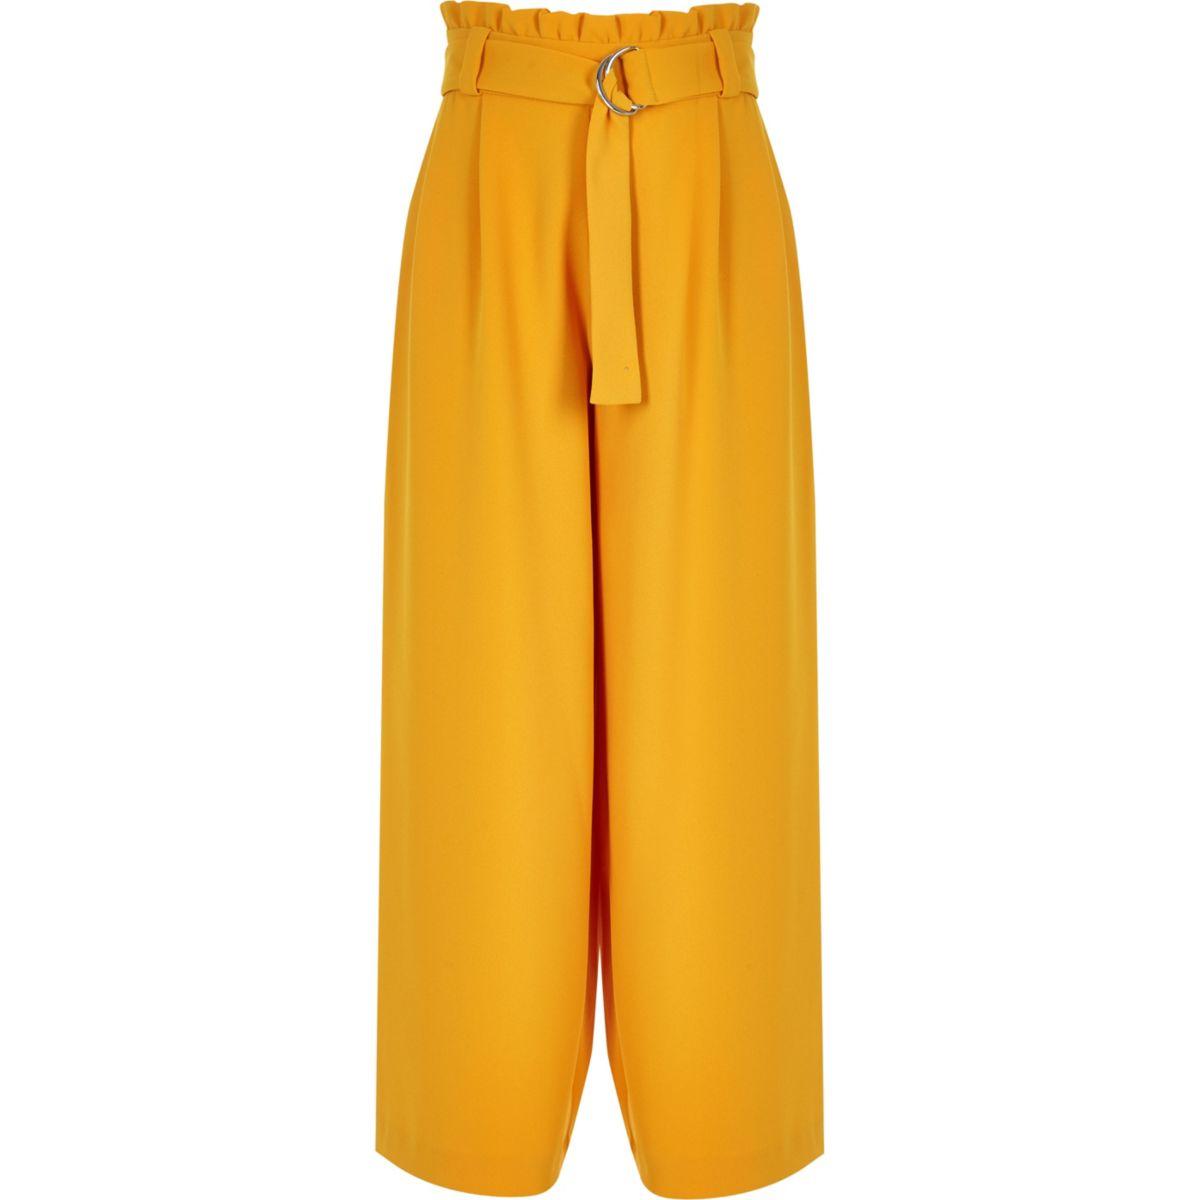 Pantalon large jaune à taille haute ceinturée pour fille